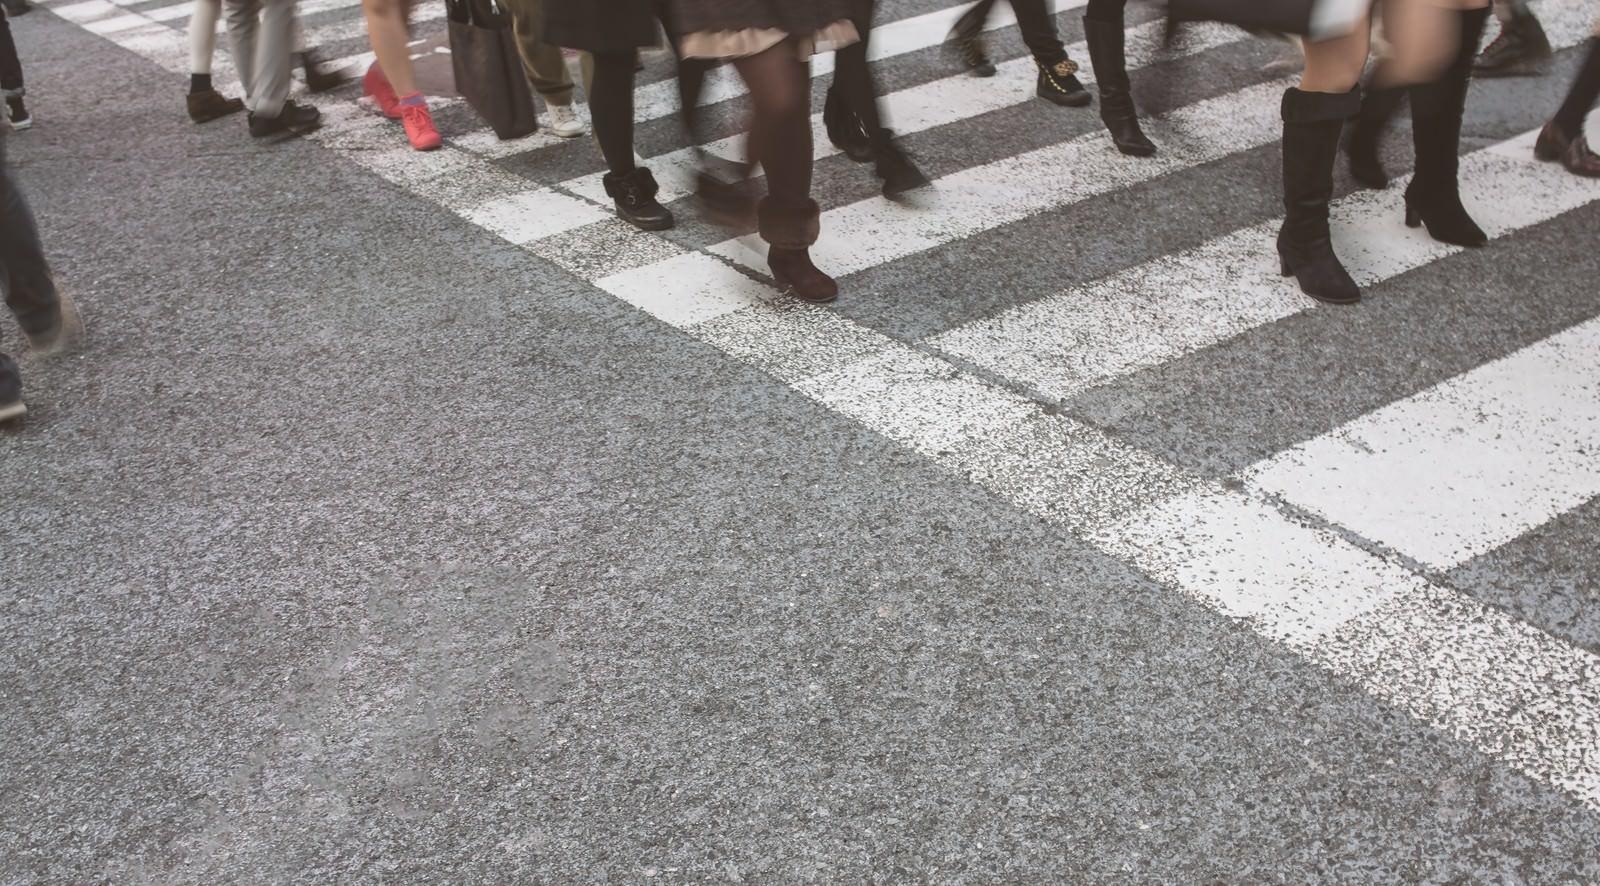 「横断歩道と人の足」の写真